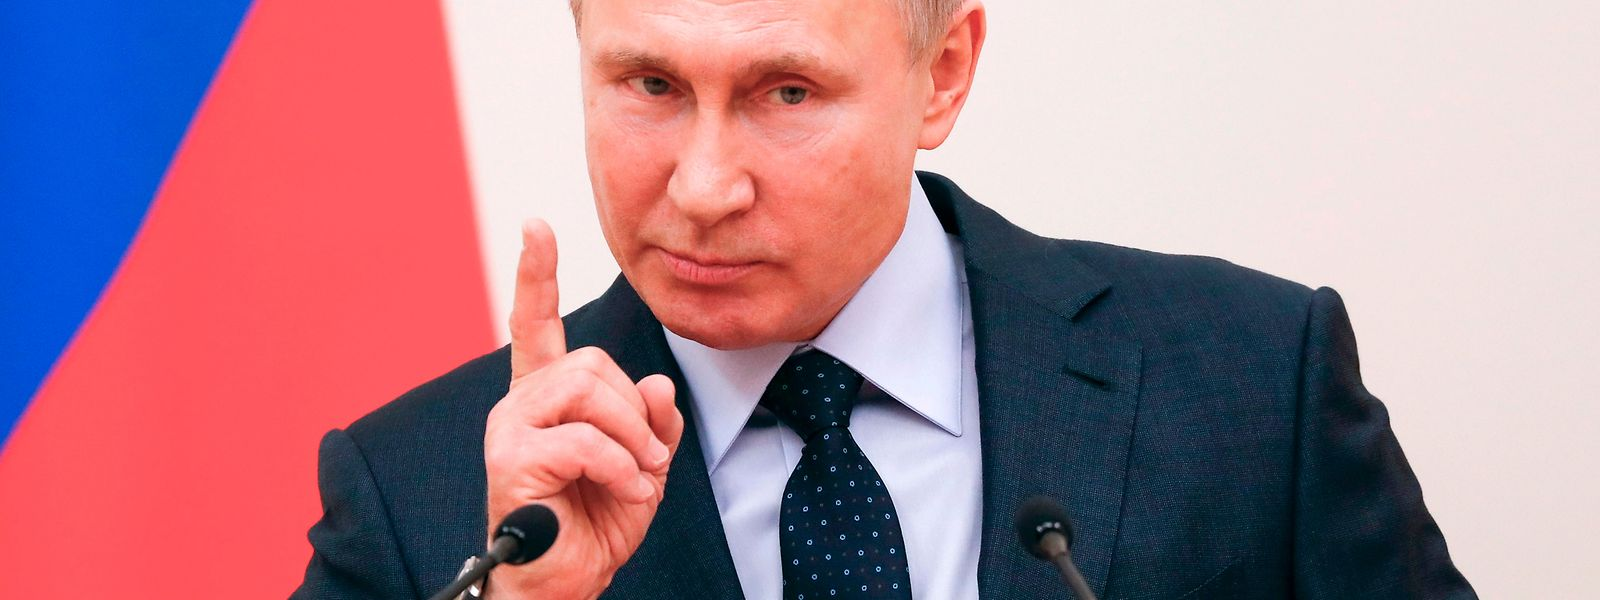 Vladimir Putin ist der Meinung, dass Russland nicht für einzelne Dopingfälle bestraft werden kann.